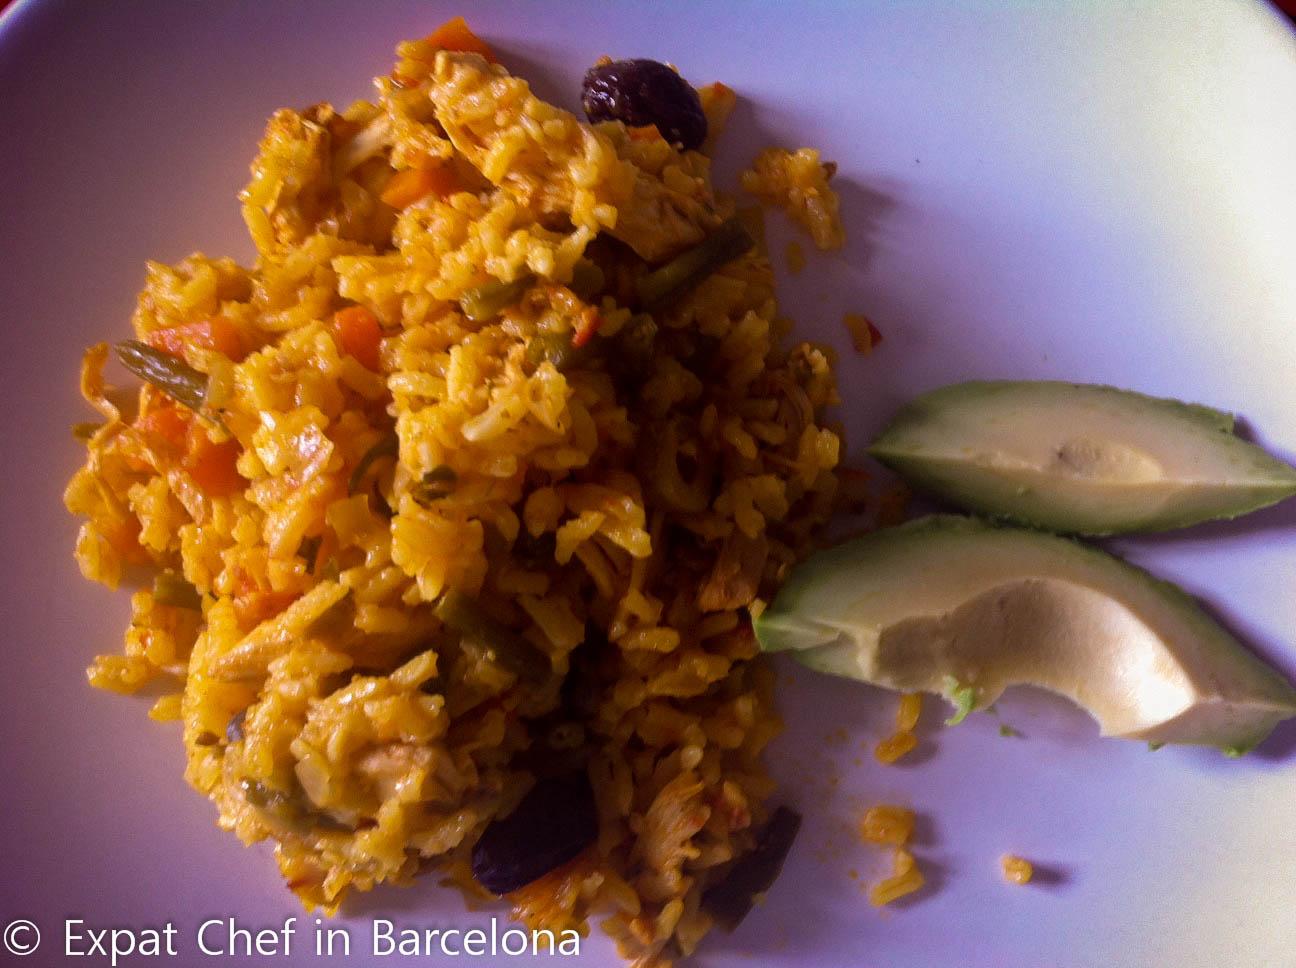 ... arroz con arroz con pollo yellow rice poor girl arroz con pollo arroz